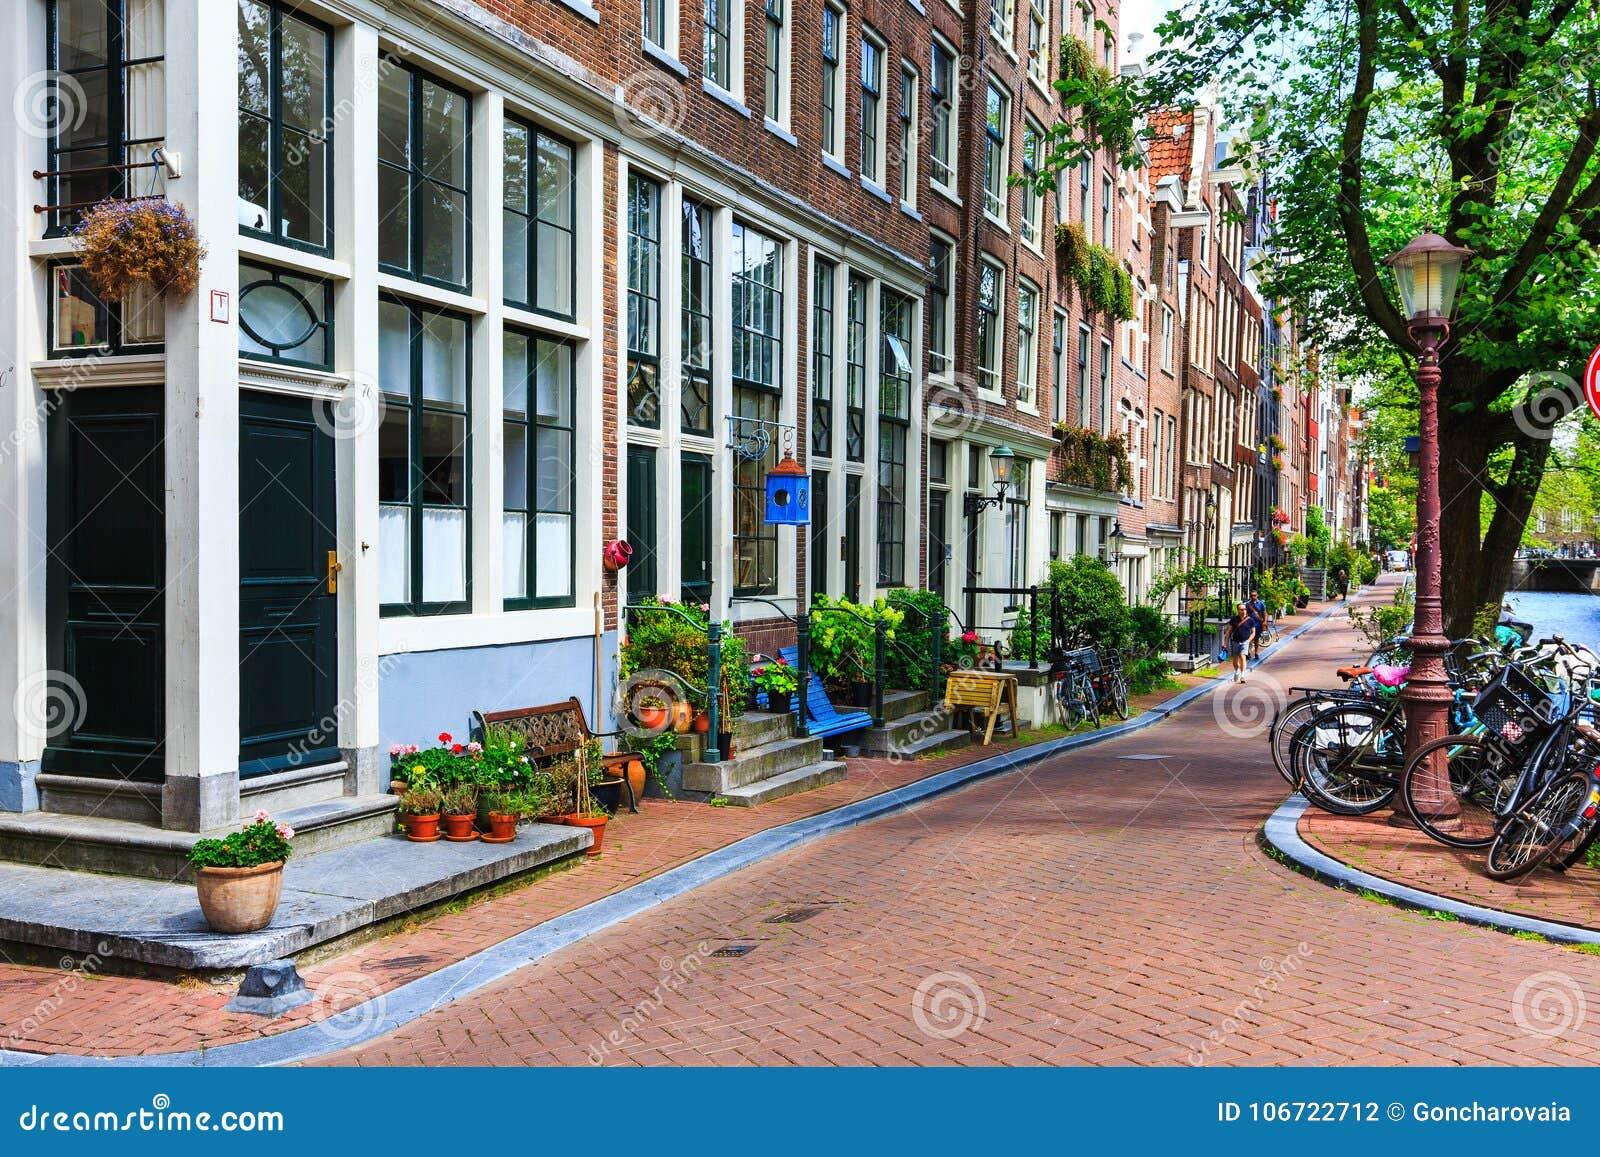 Traditionelle Niederländische Häuser, Fahrräder Parkten Auf ...